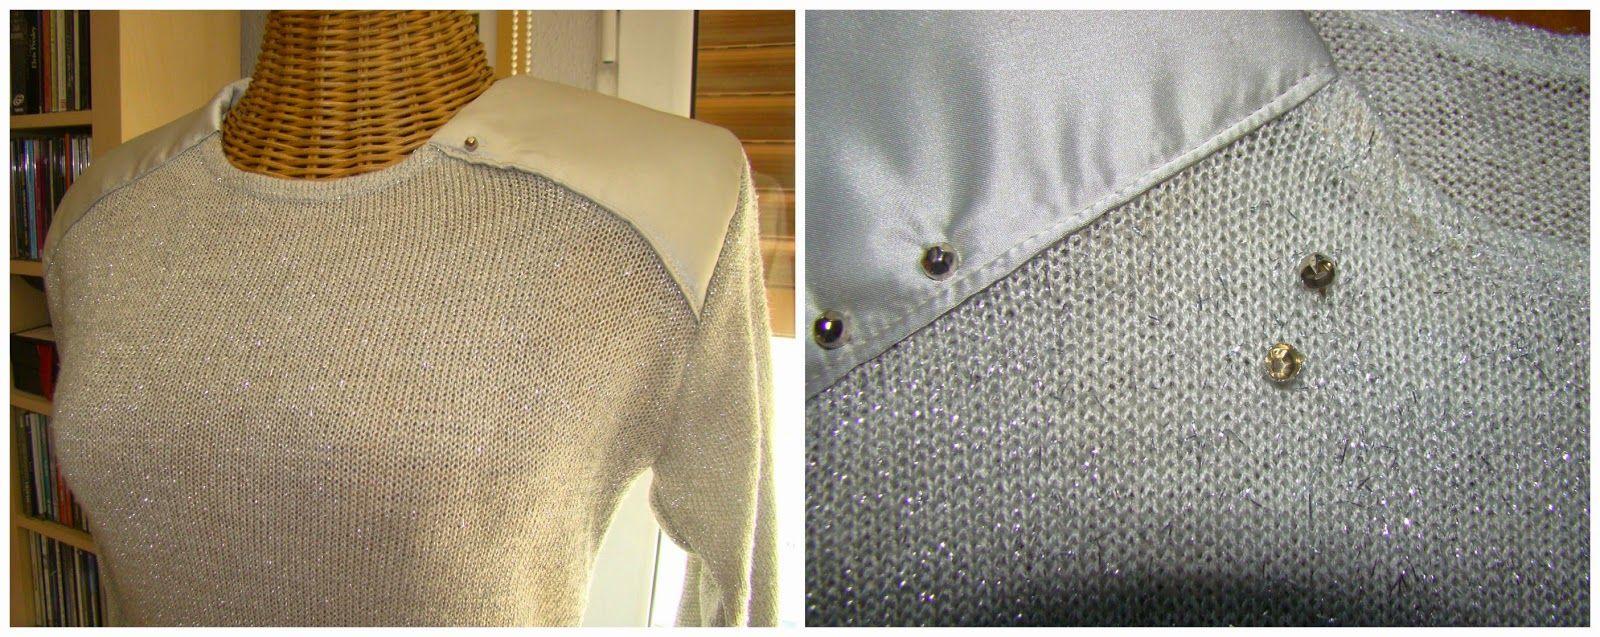 Moda en la costura: Reciclando en plata